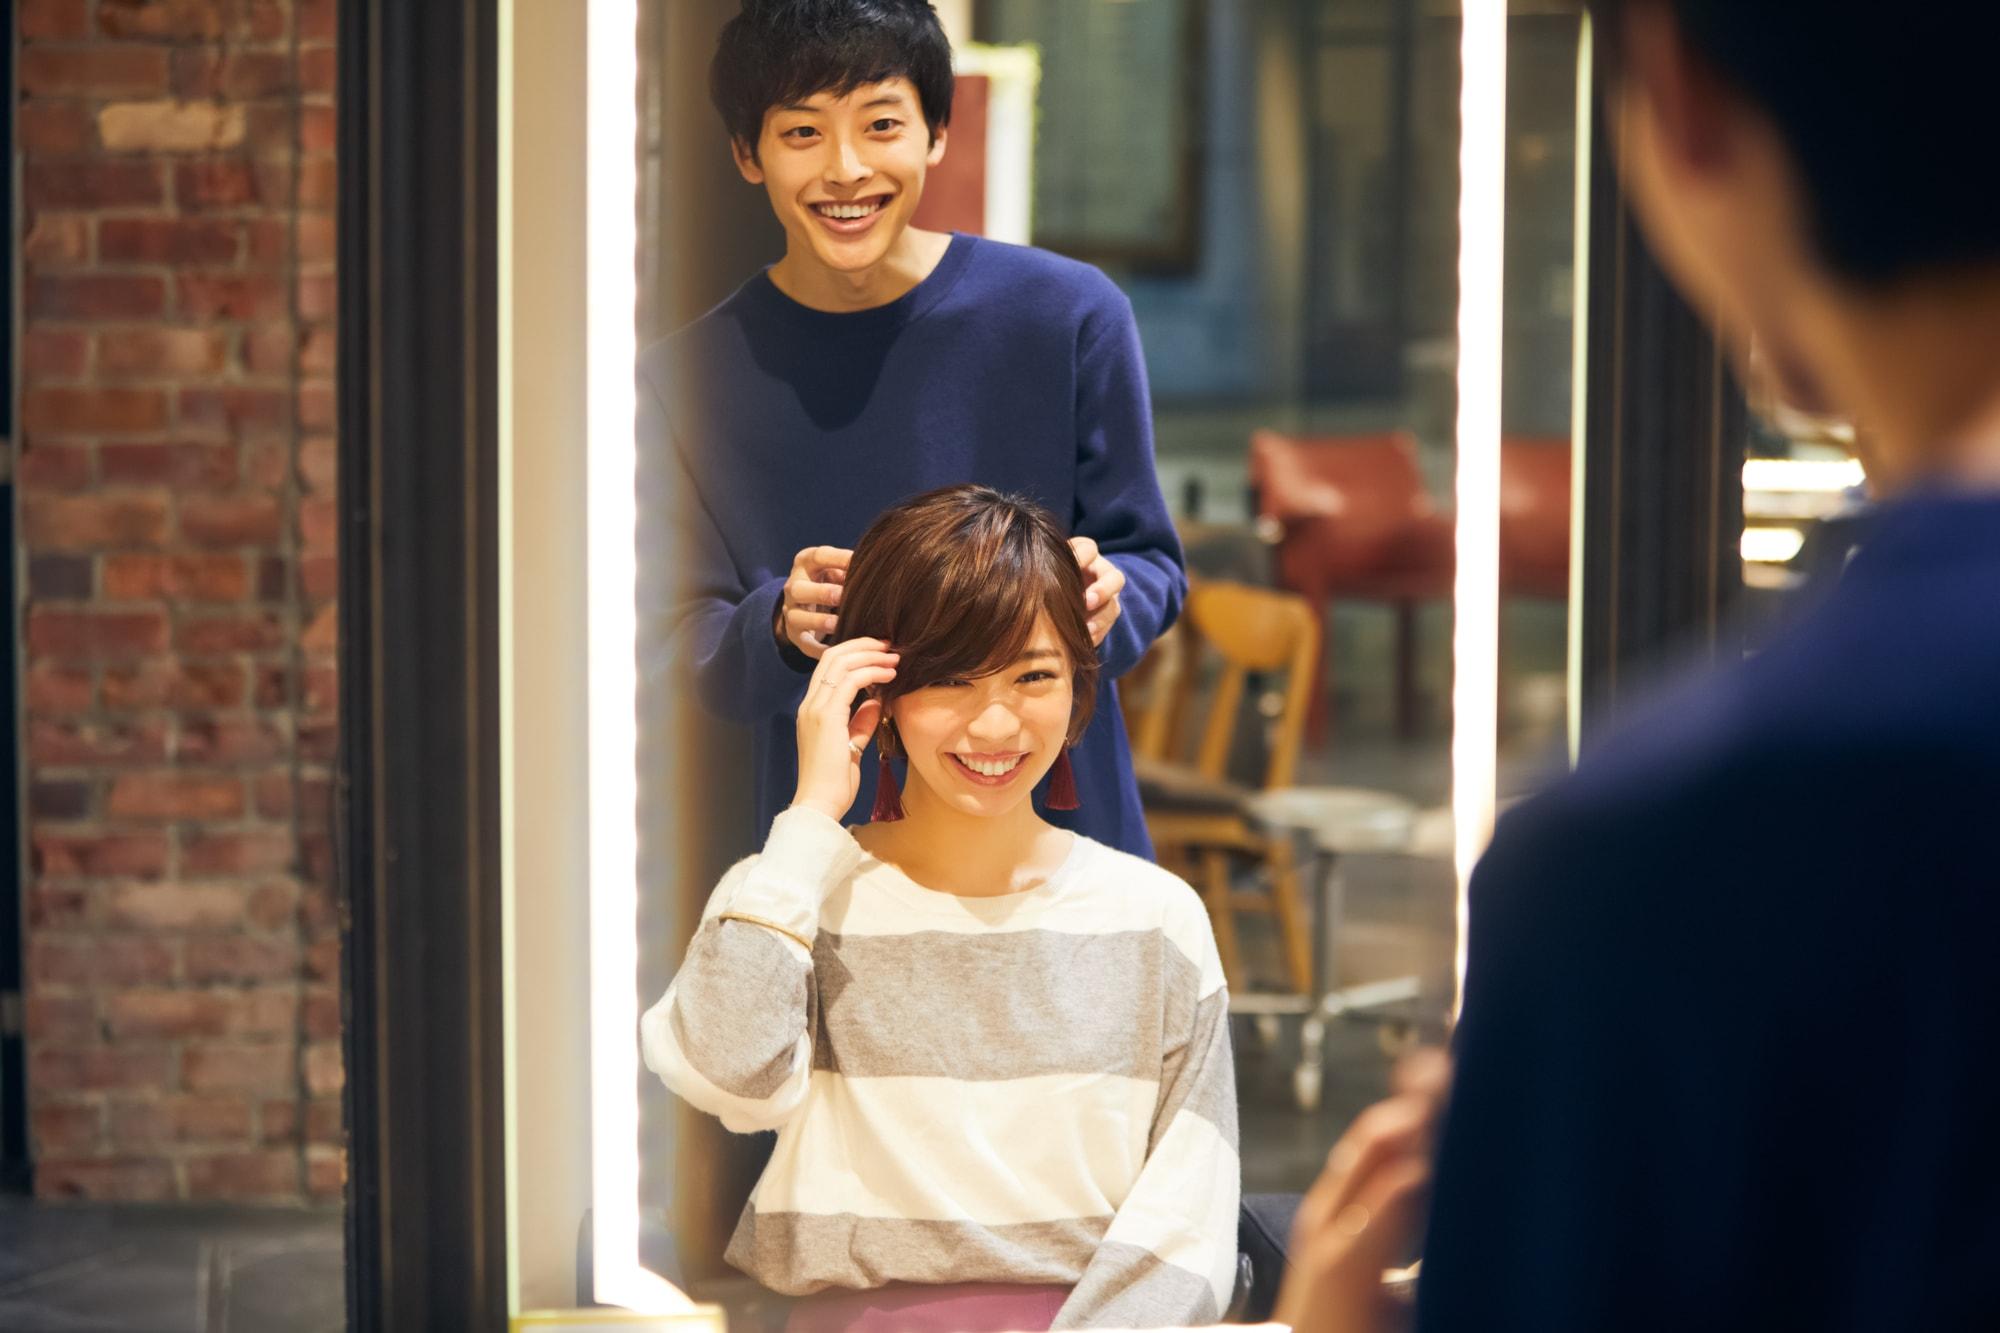 美容師に本当に必要な会話術 | 会話の苦手意識は関係ない?